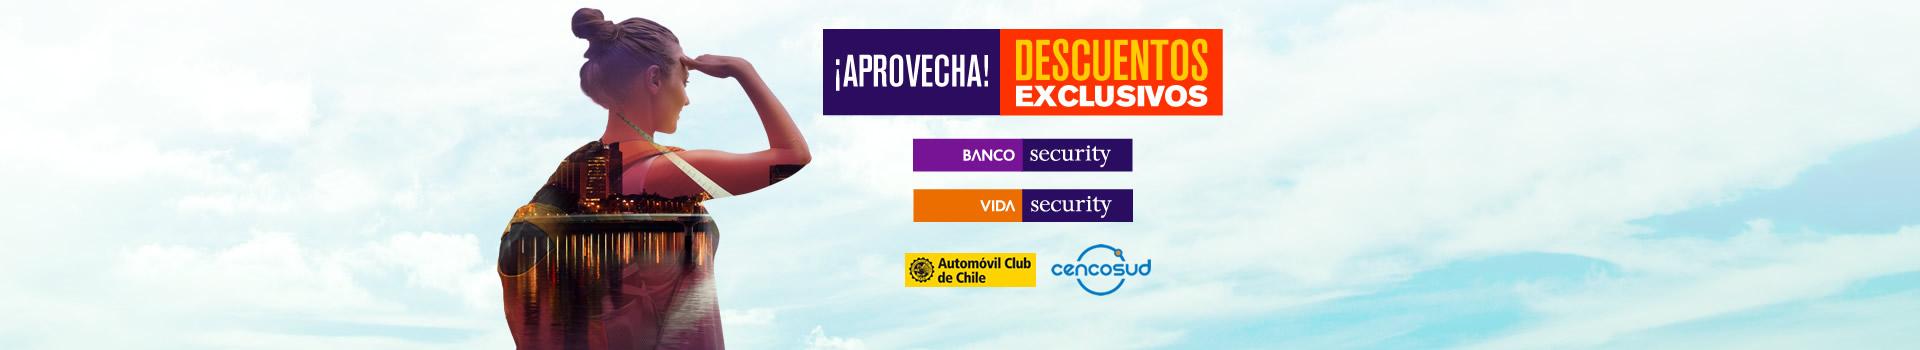 Alianzas-Travel_Security